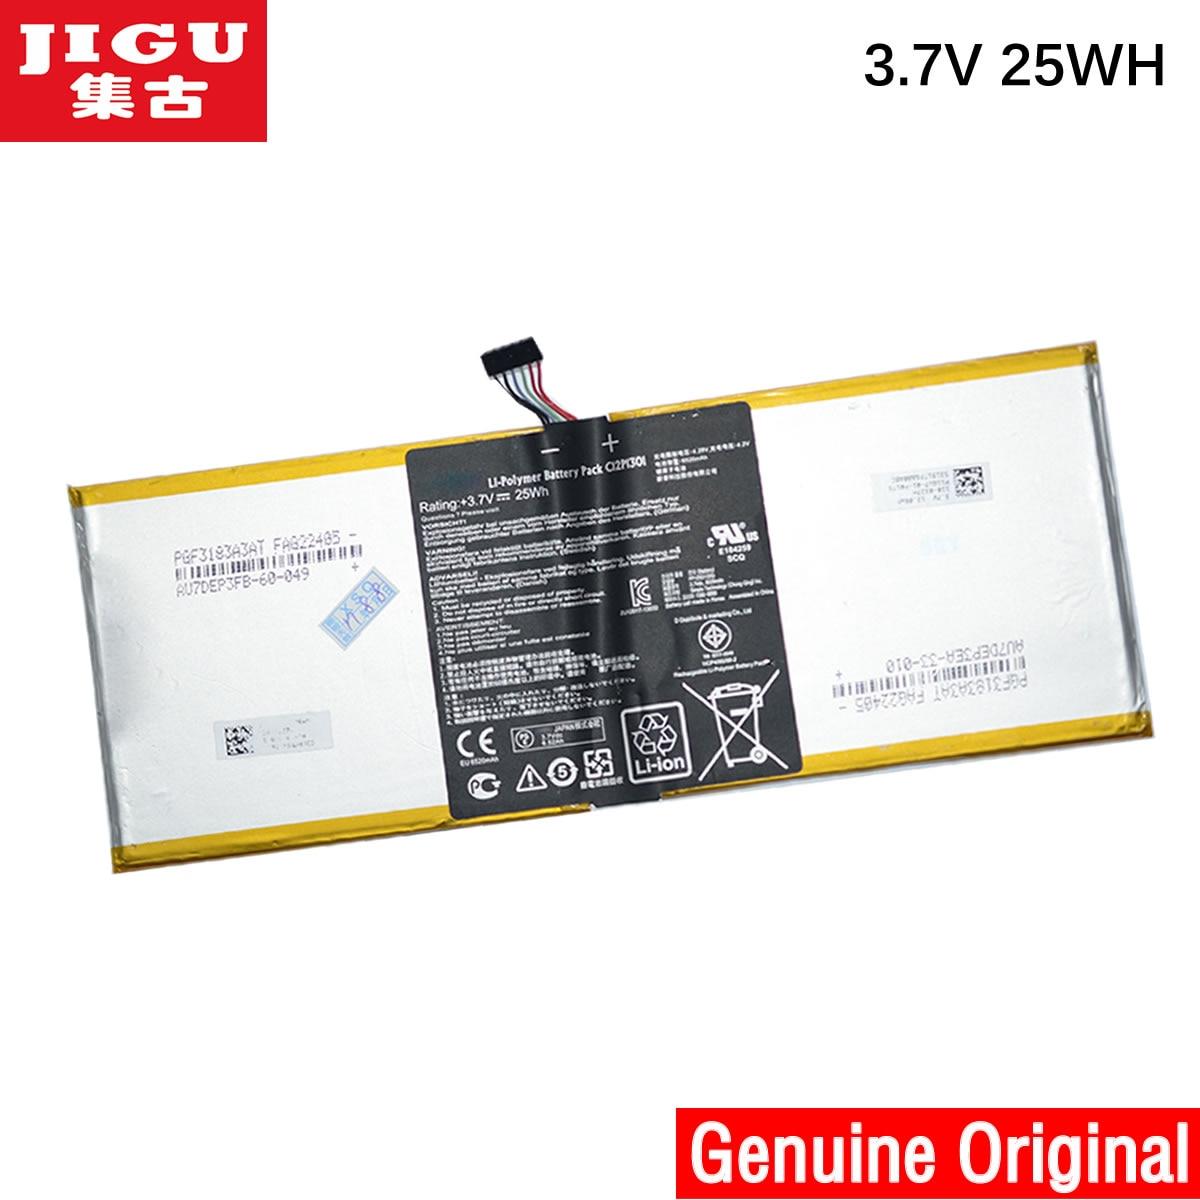 JIGU Original Laptop Battery C12P1301 For ASUS For MEMO PAD K00A (ME302C) MemoPad 10.1 TF303K 1B014A